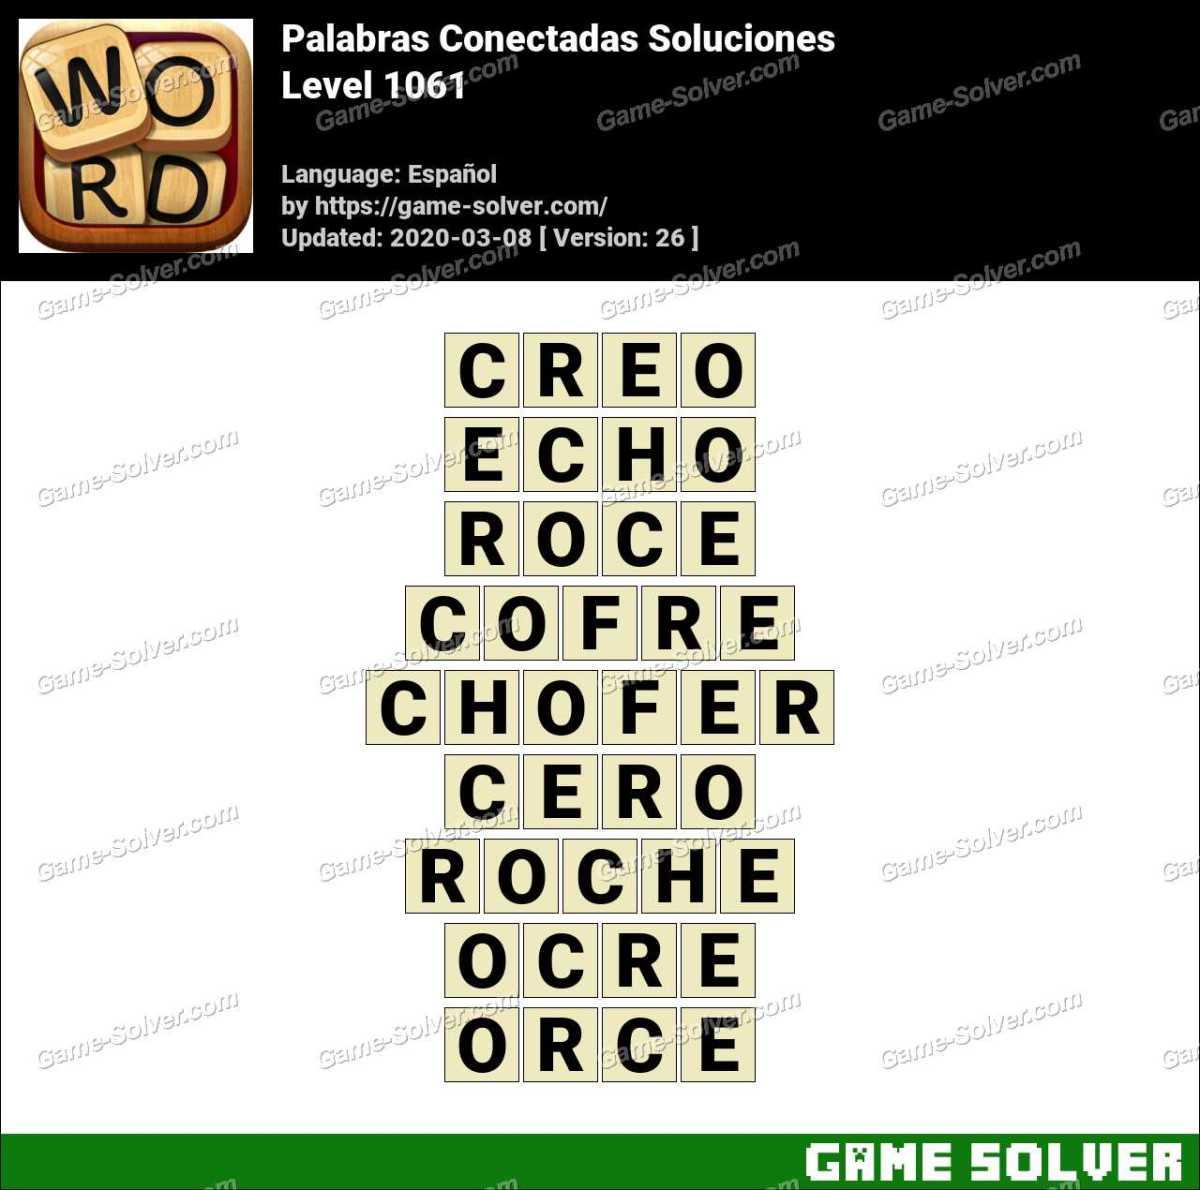 Palabras Conectadas Nivel 1061 Soluciones